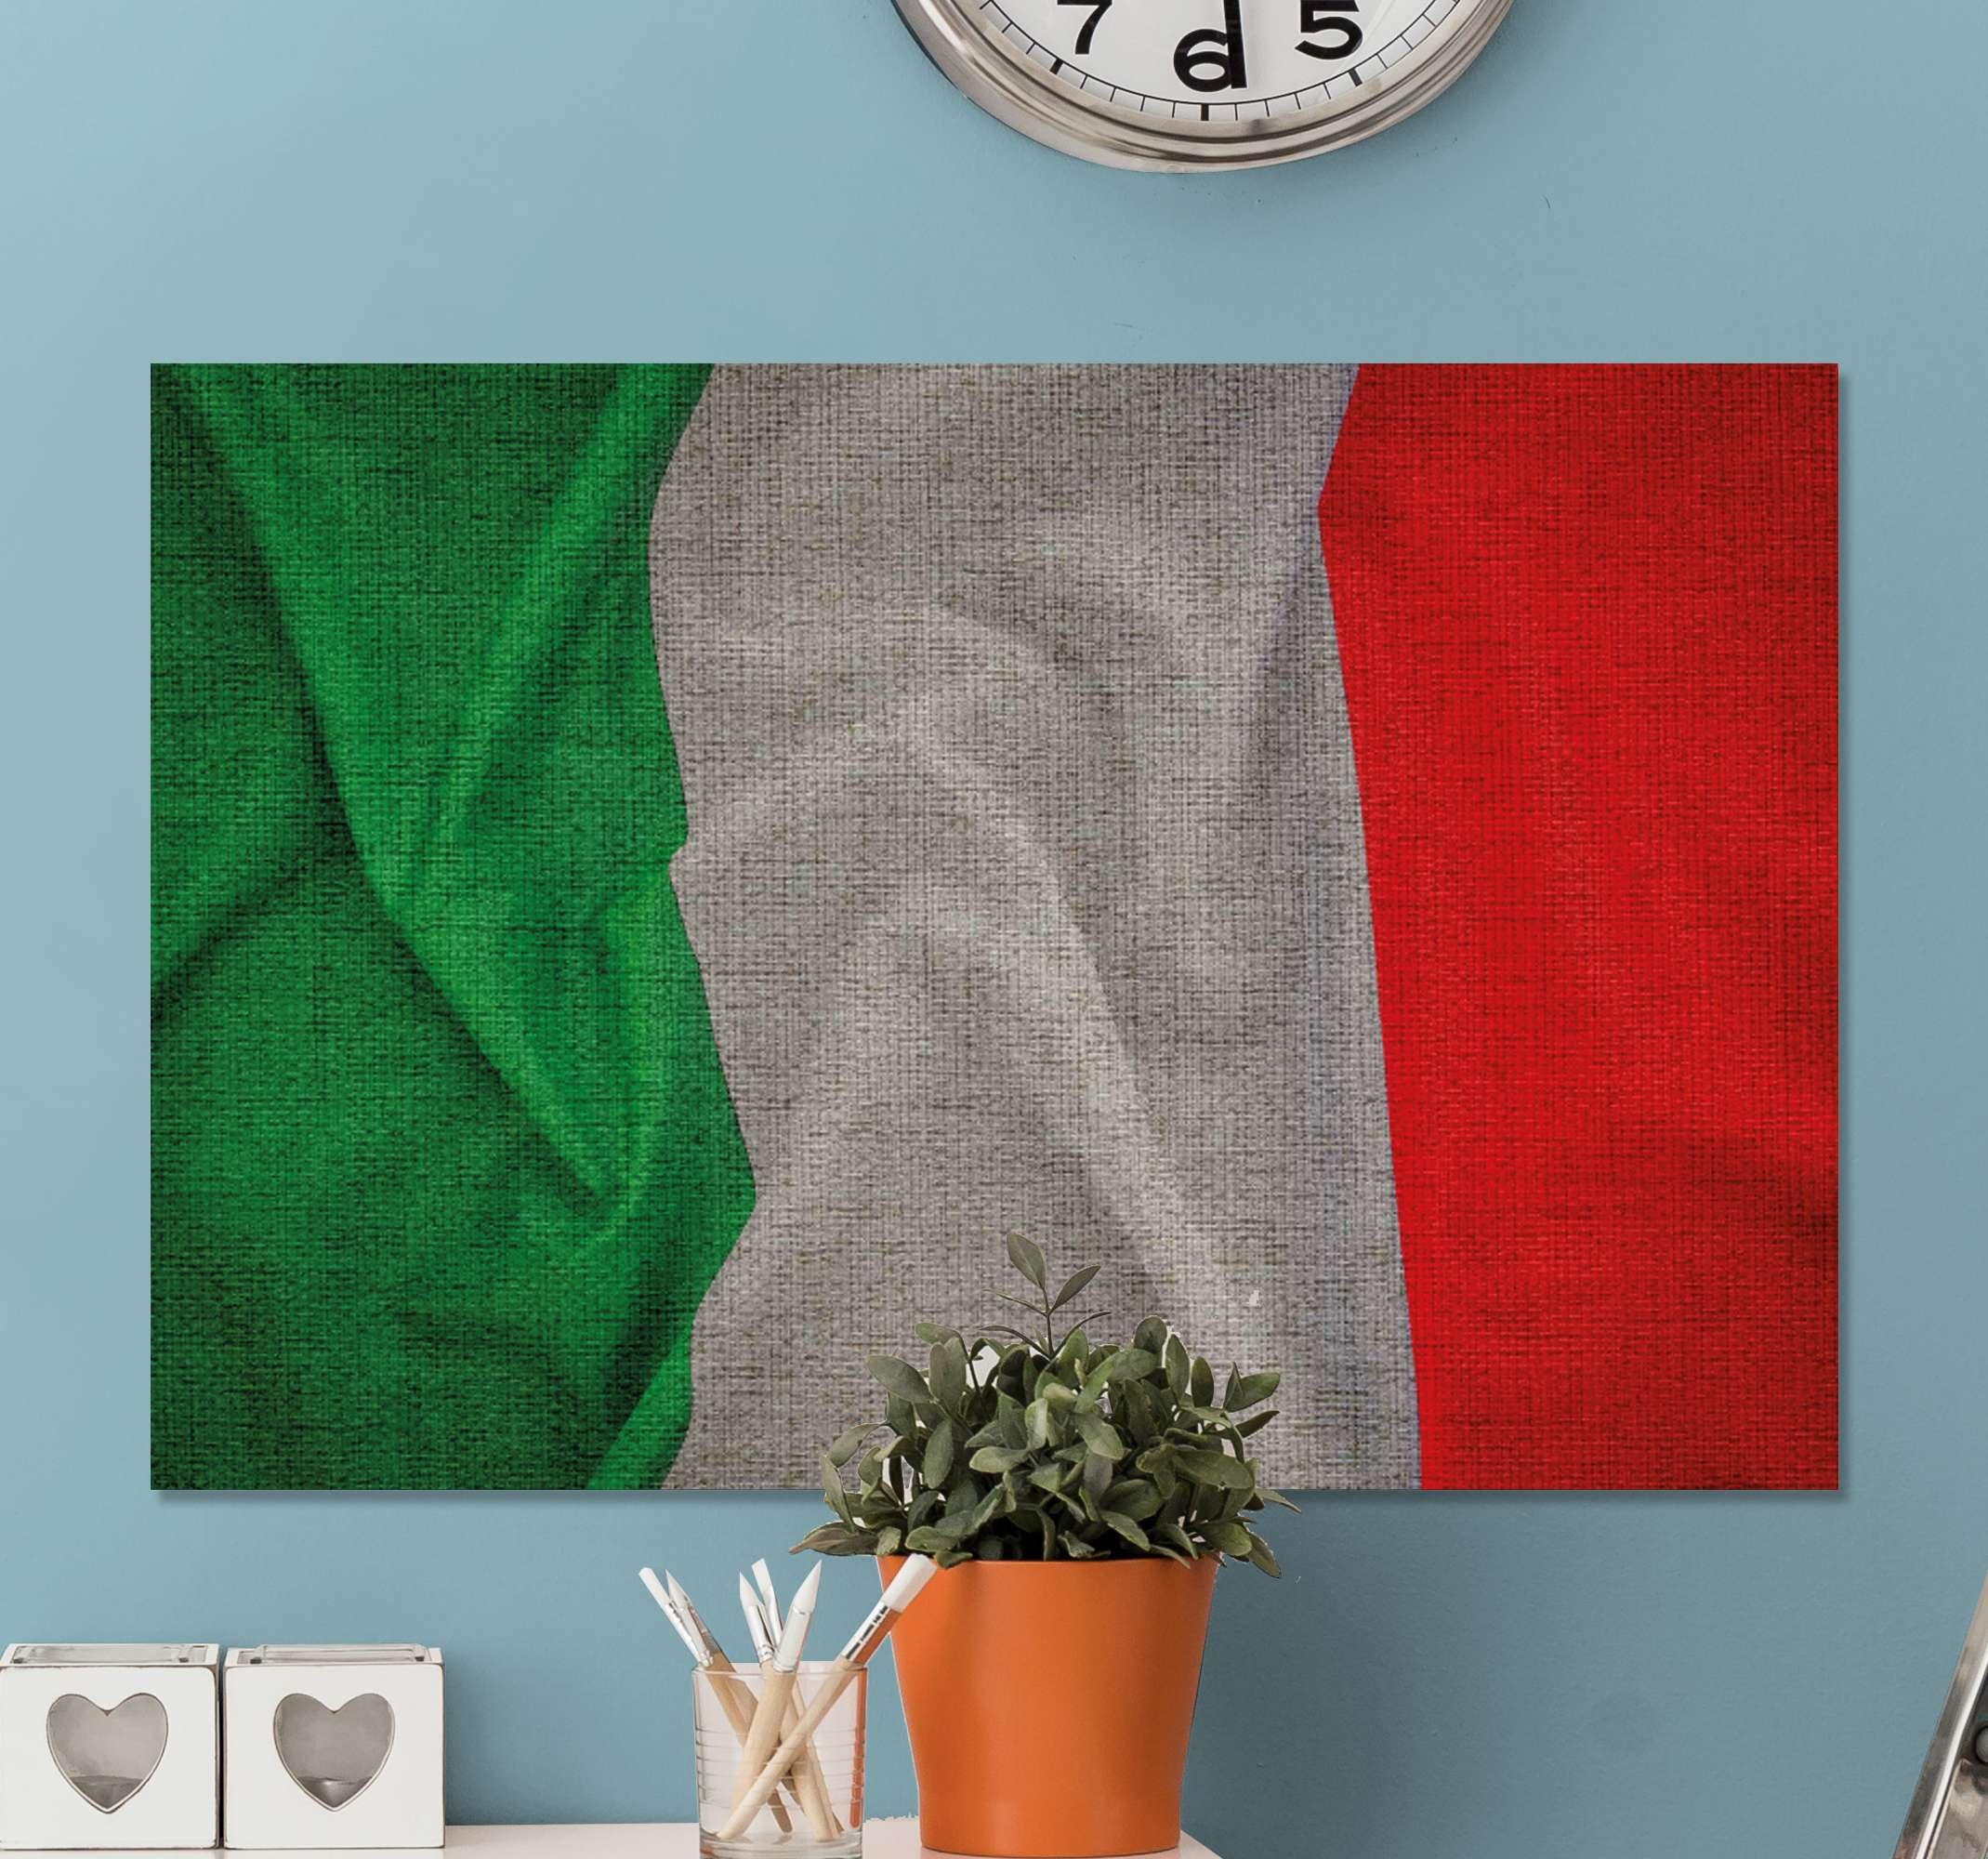 TenStickers. 意大利国旗城市天际线打印. 从我们在线订购我们最优质的意大利国旗帆布印花,并在几天之内和完美的状态下将其送到您的地址。